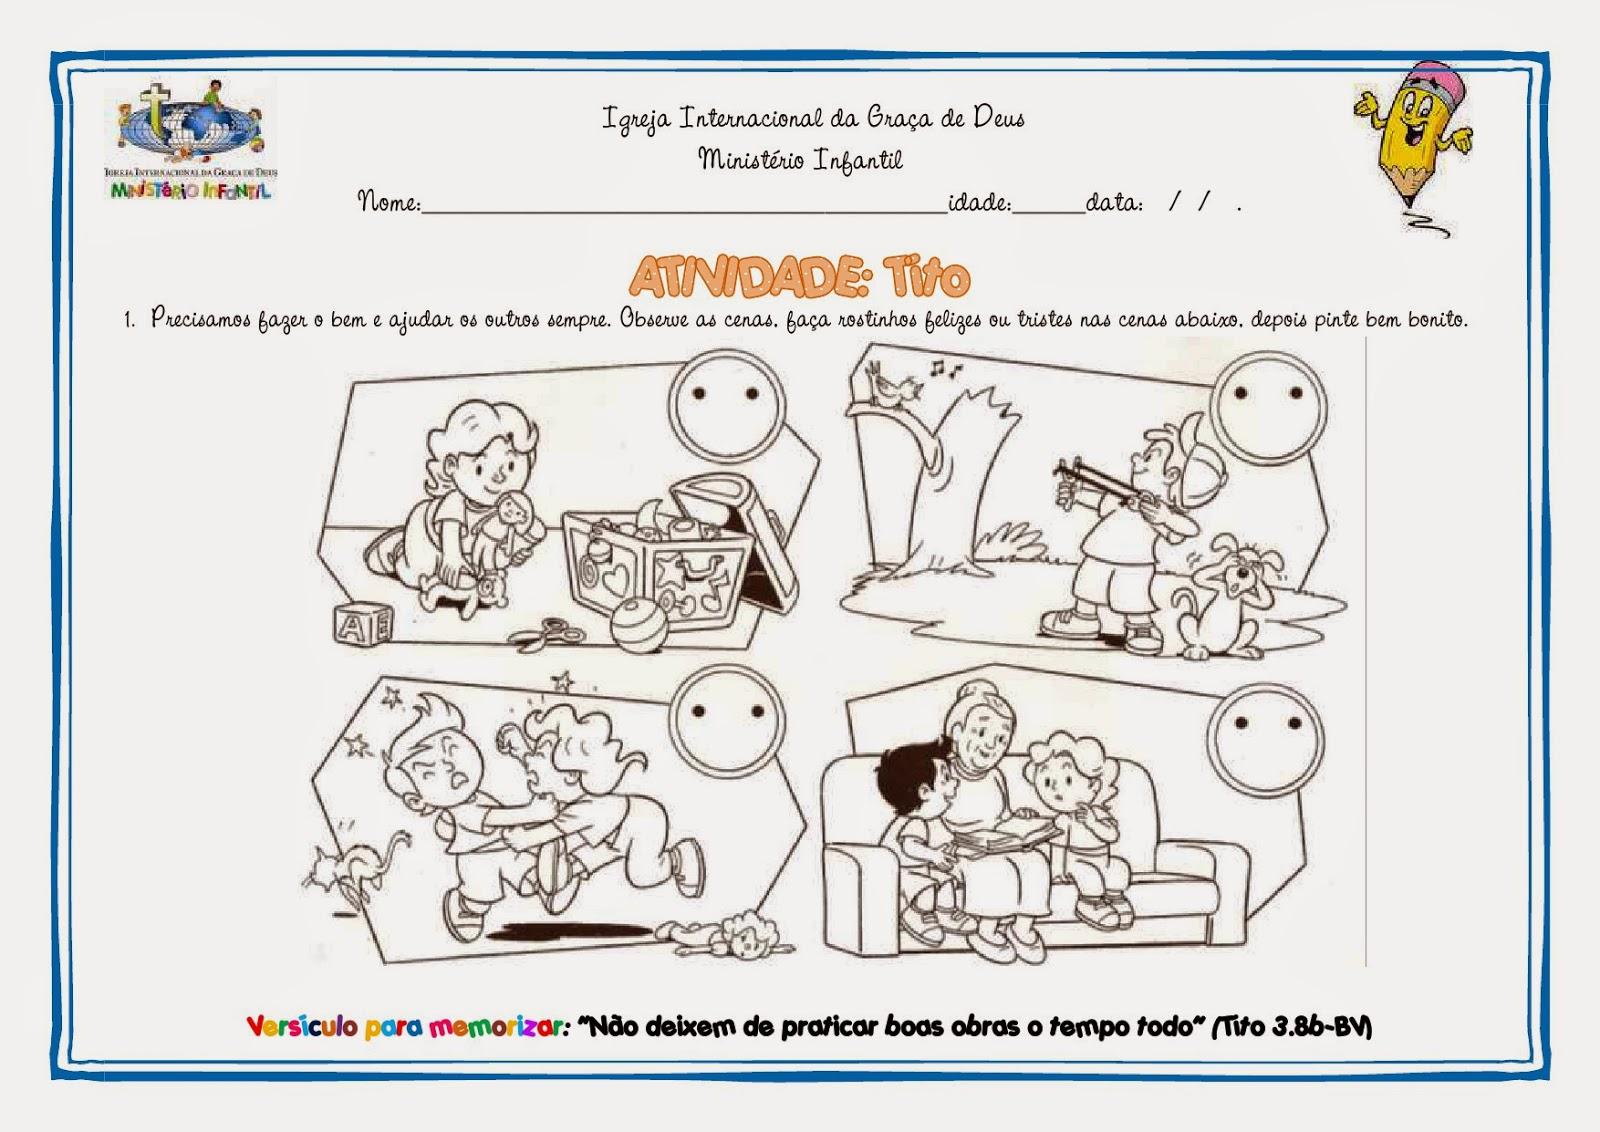 23 09 B 1 Atividades Preparatórias 2 Ofertas: Ministério Infantil Cascavel: Atividades